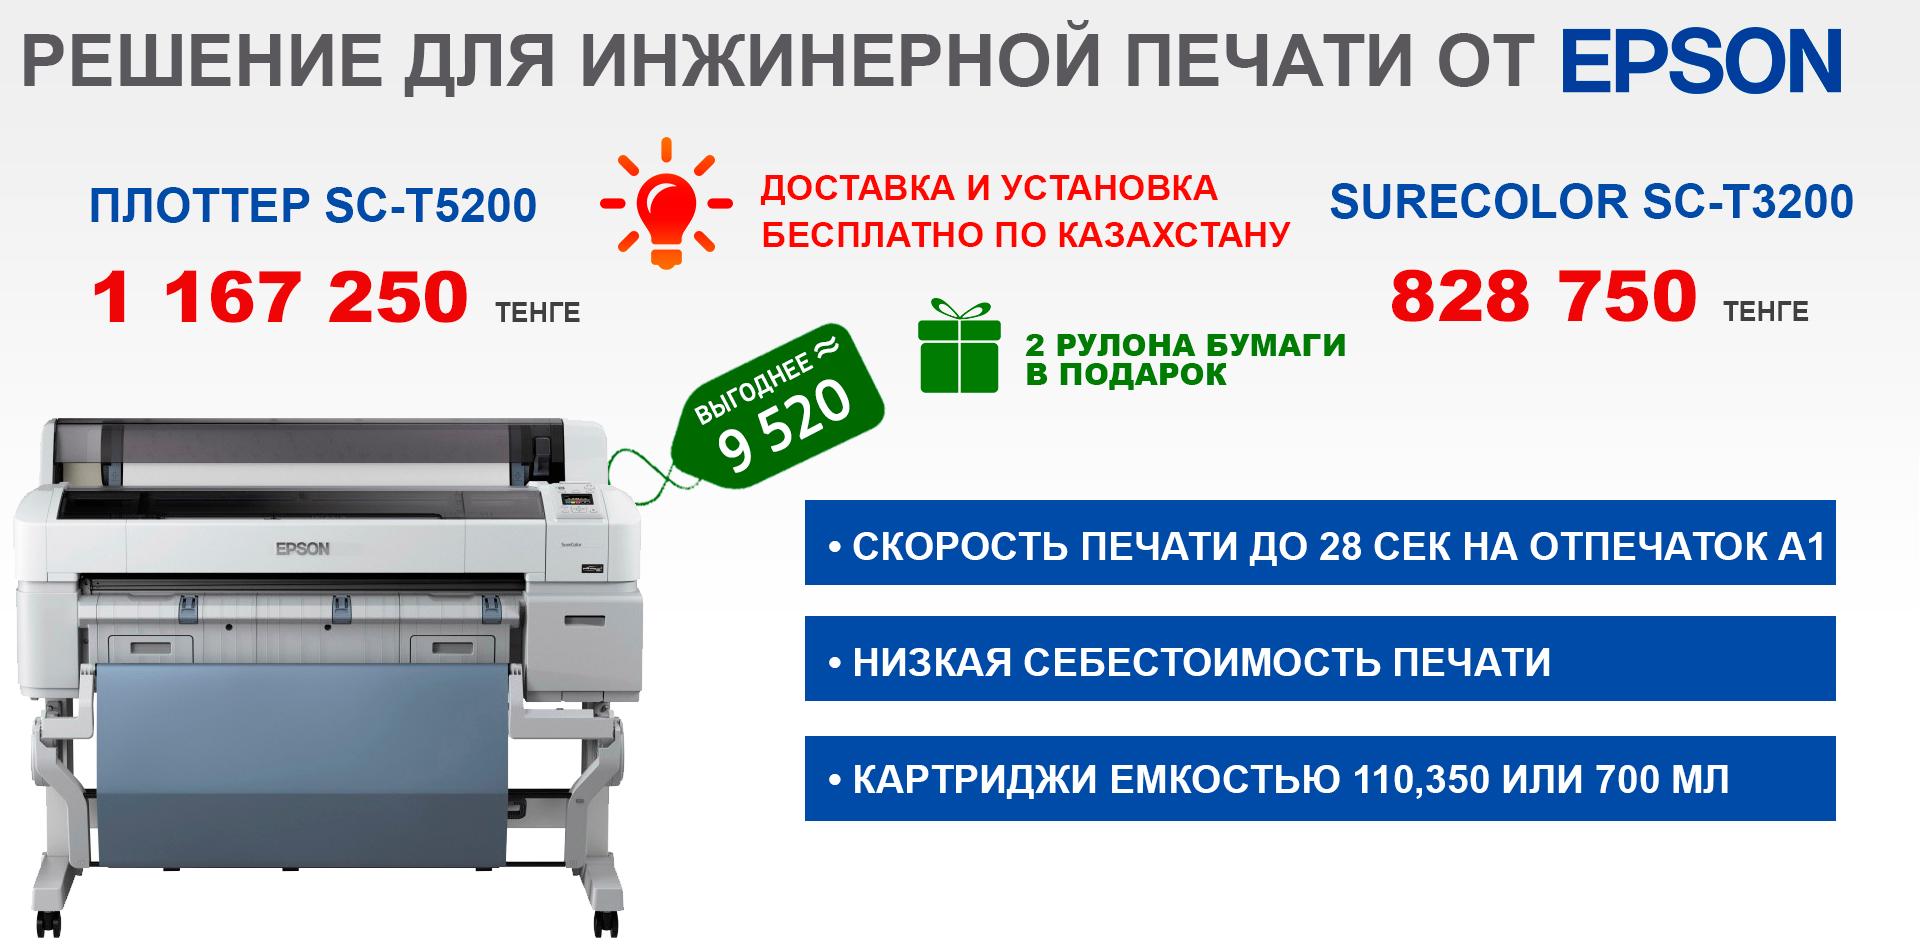 epson surecolor sc t3200, плоттер epson, струйный плоттер, epson surecolor sc t3200 купить, купить плоттер